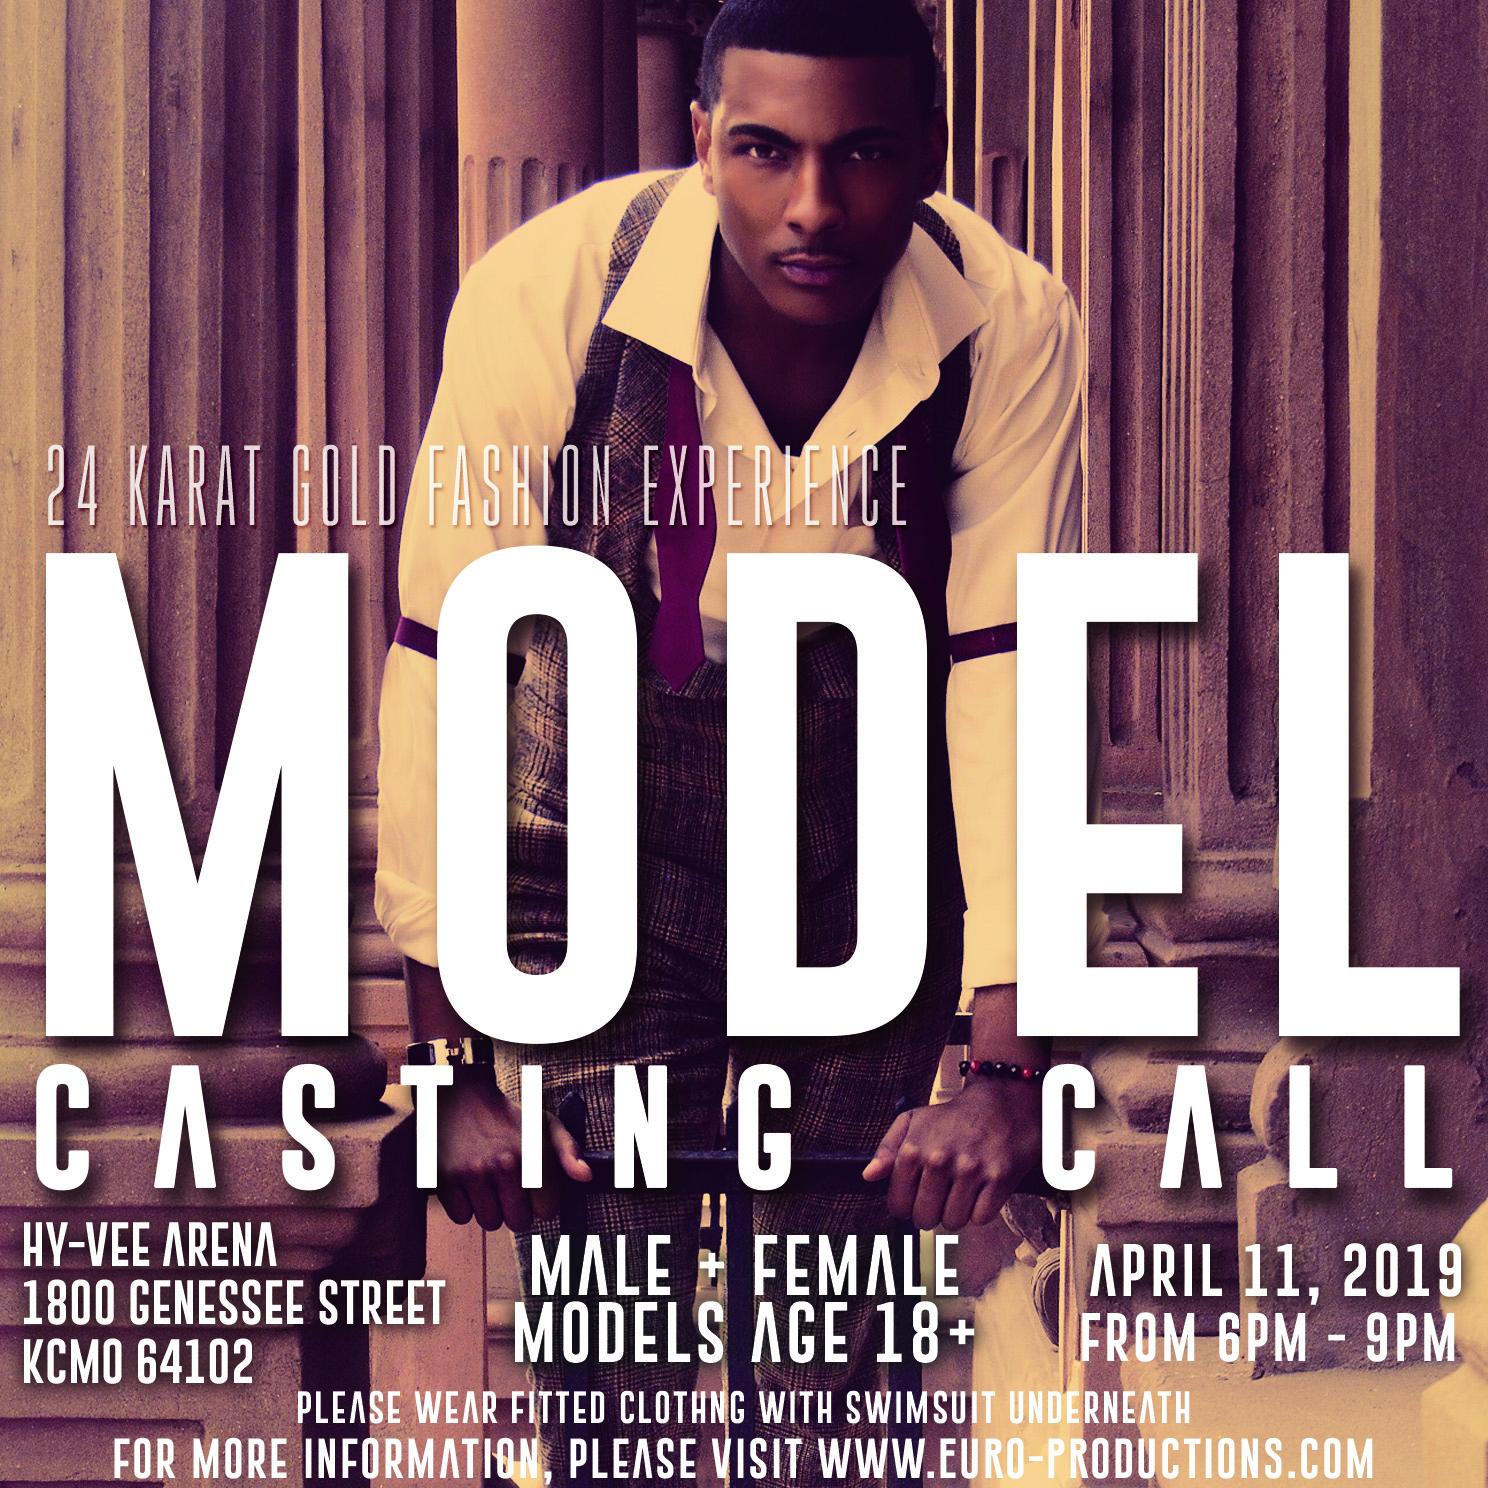 FAME model casting call - 3.jpg